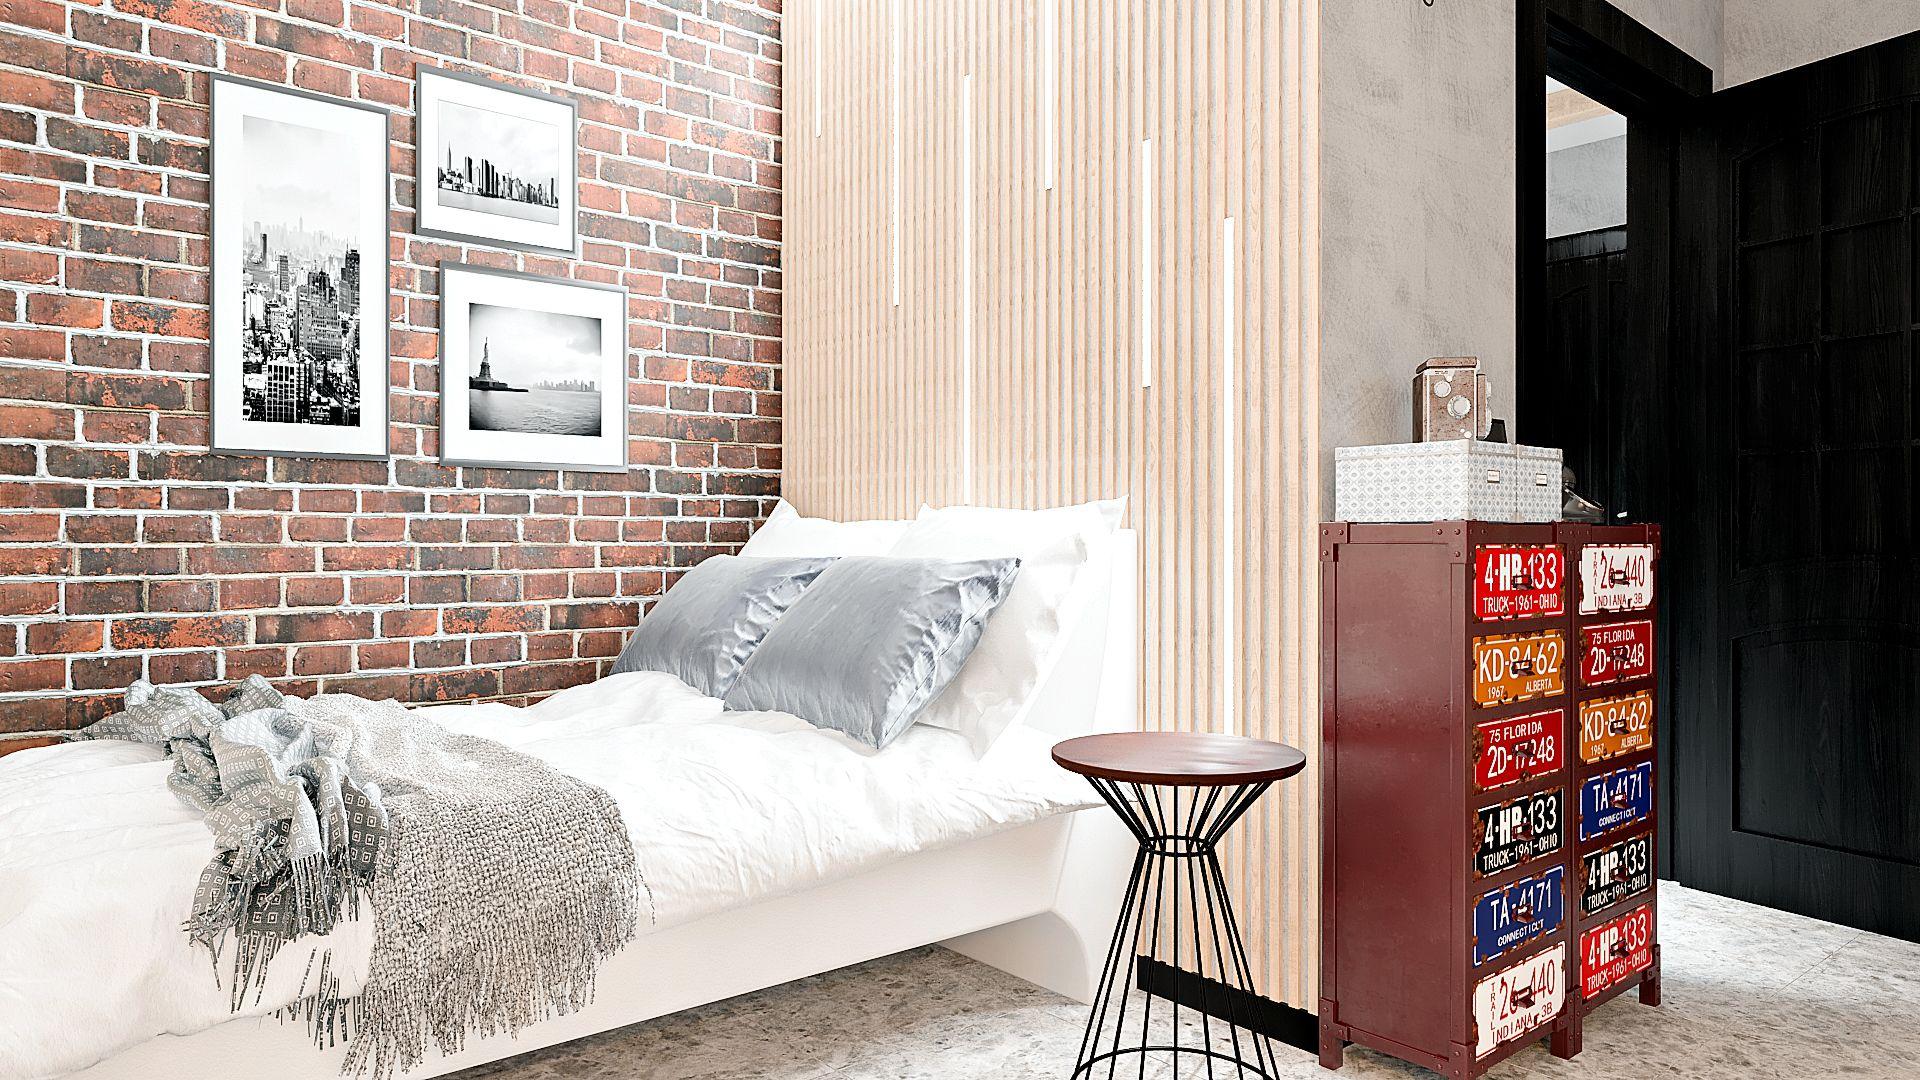 Дизайн однокомнатной квартиры в Гомеле, Гостиная - спальня в стиле лофт в квартире изображение 4, зона спальни, рейки на стене, кирпичная стена возле кровати